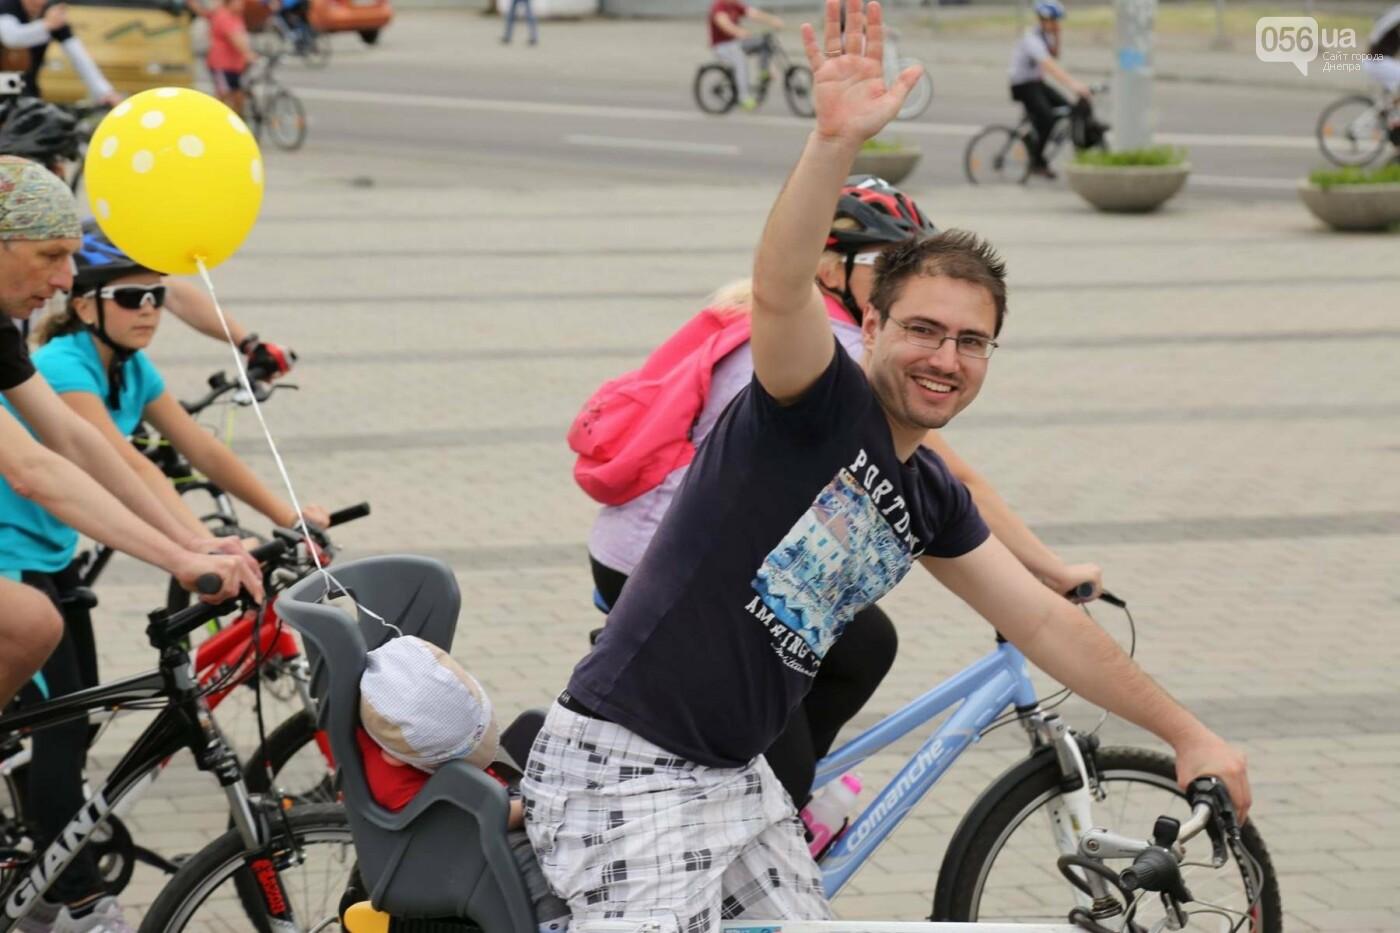 Как развита велосипедная инфраструктура в Днепре, если сравнивать с Европой, - ФОТО, фото-4